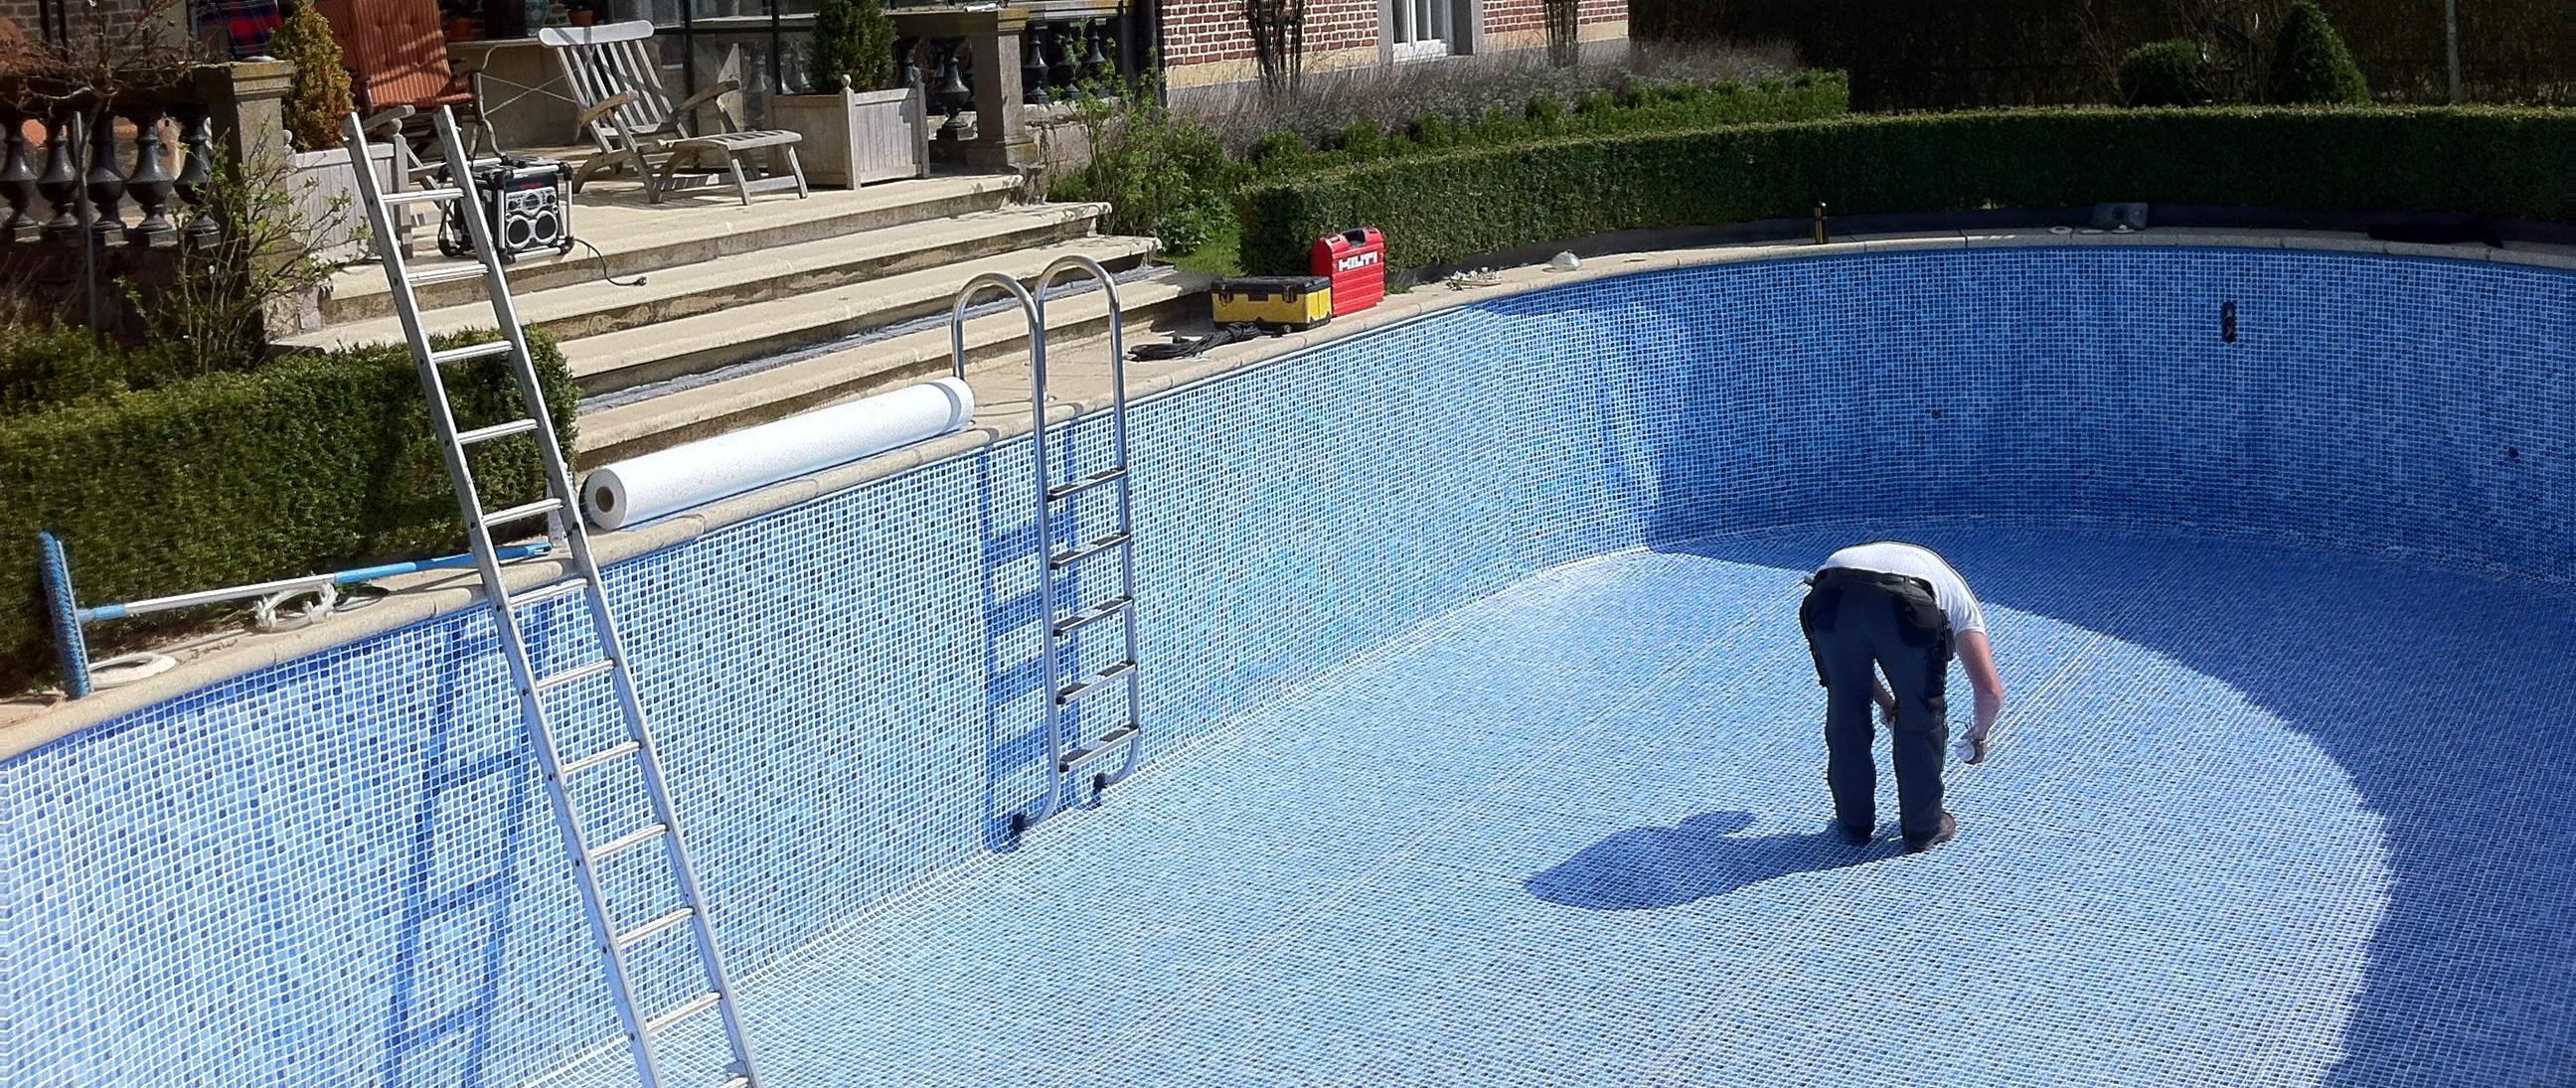 Zwembadreparatie zwembad lek app nederland v o f zwembaden sauna s en spa s - Zwembad kleur liner ...